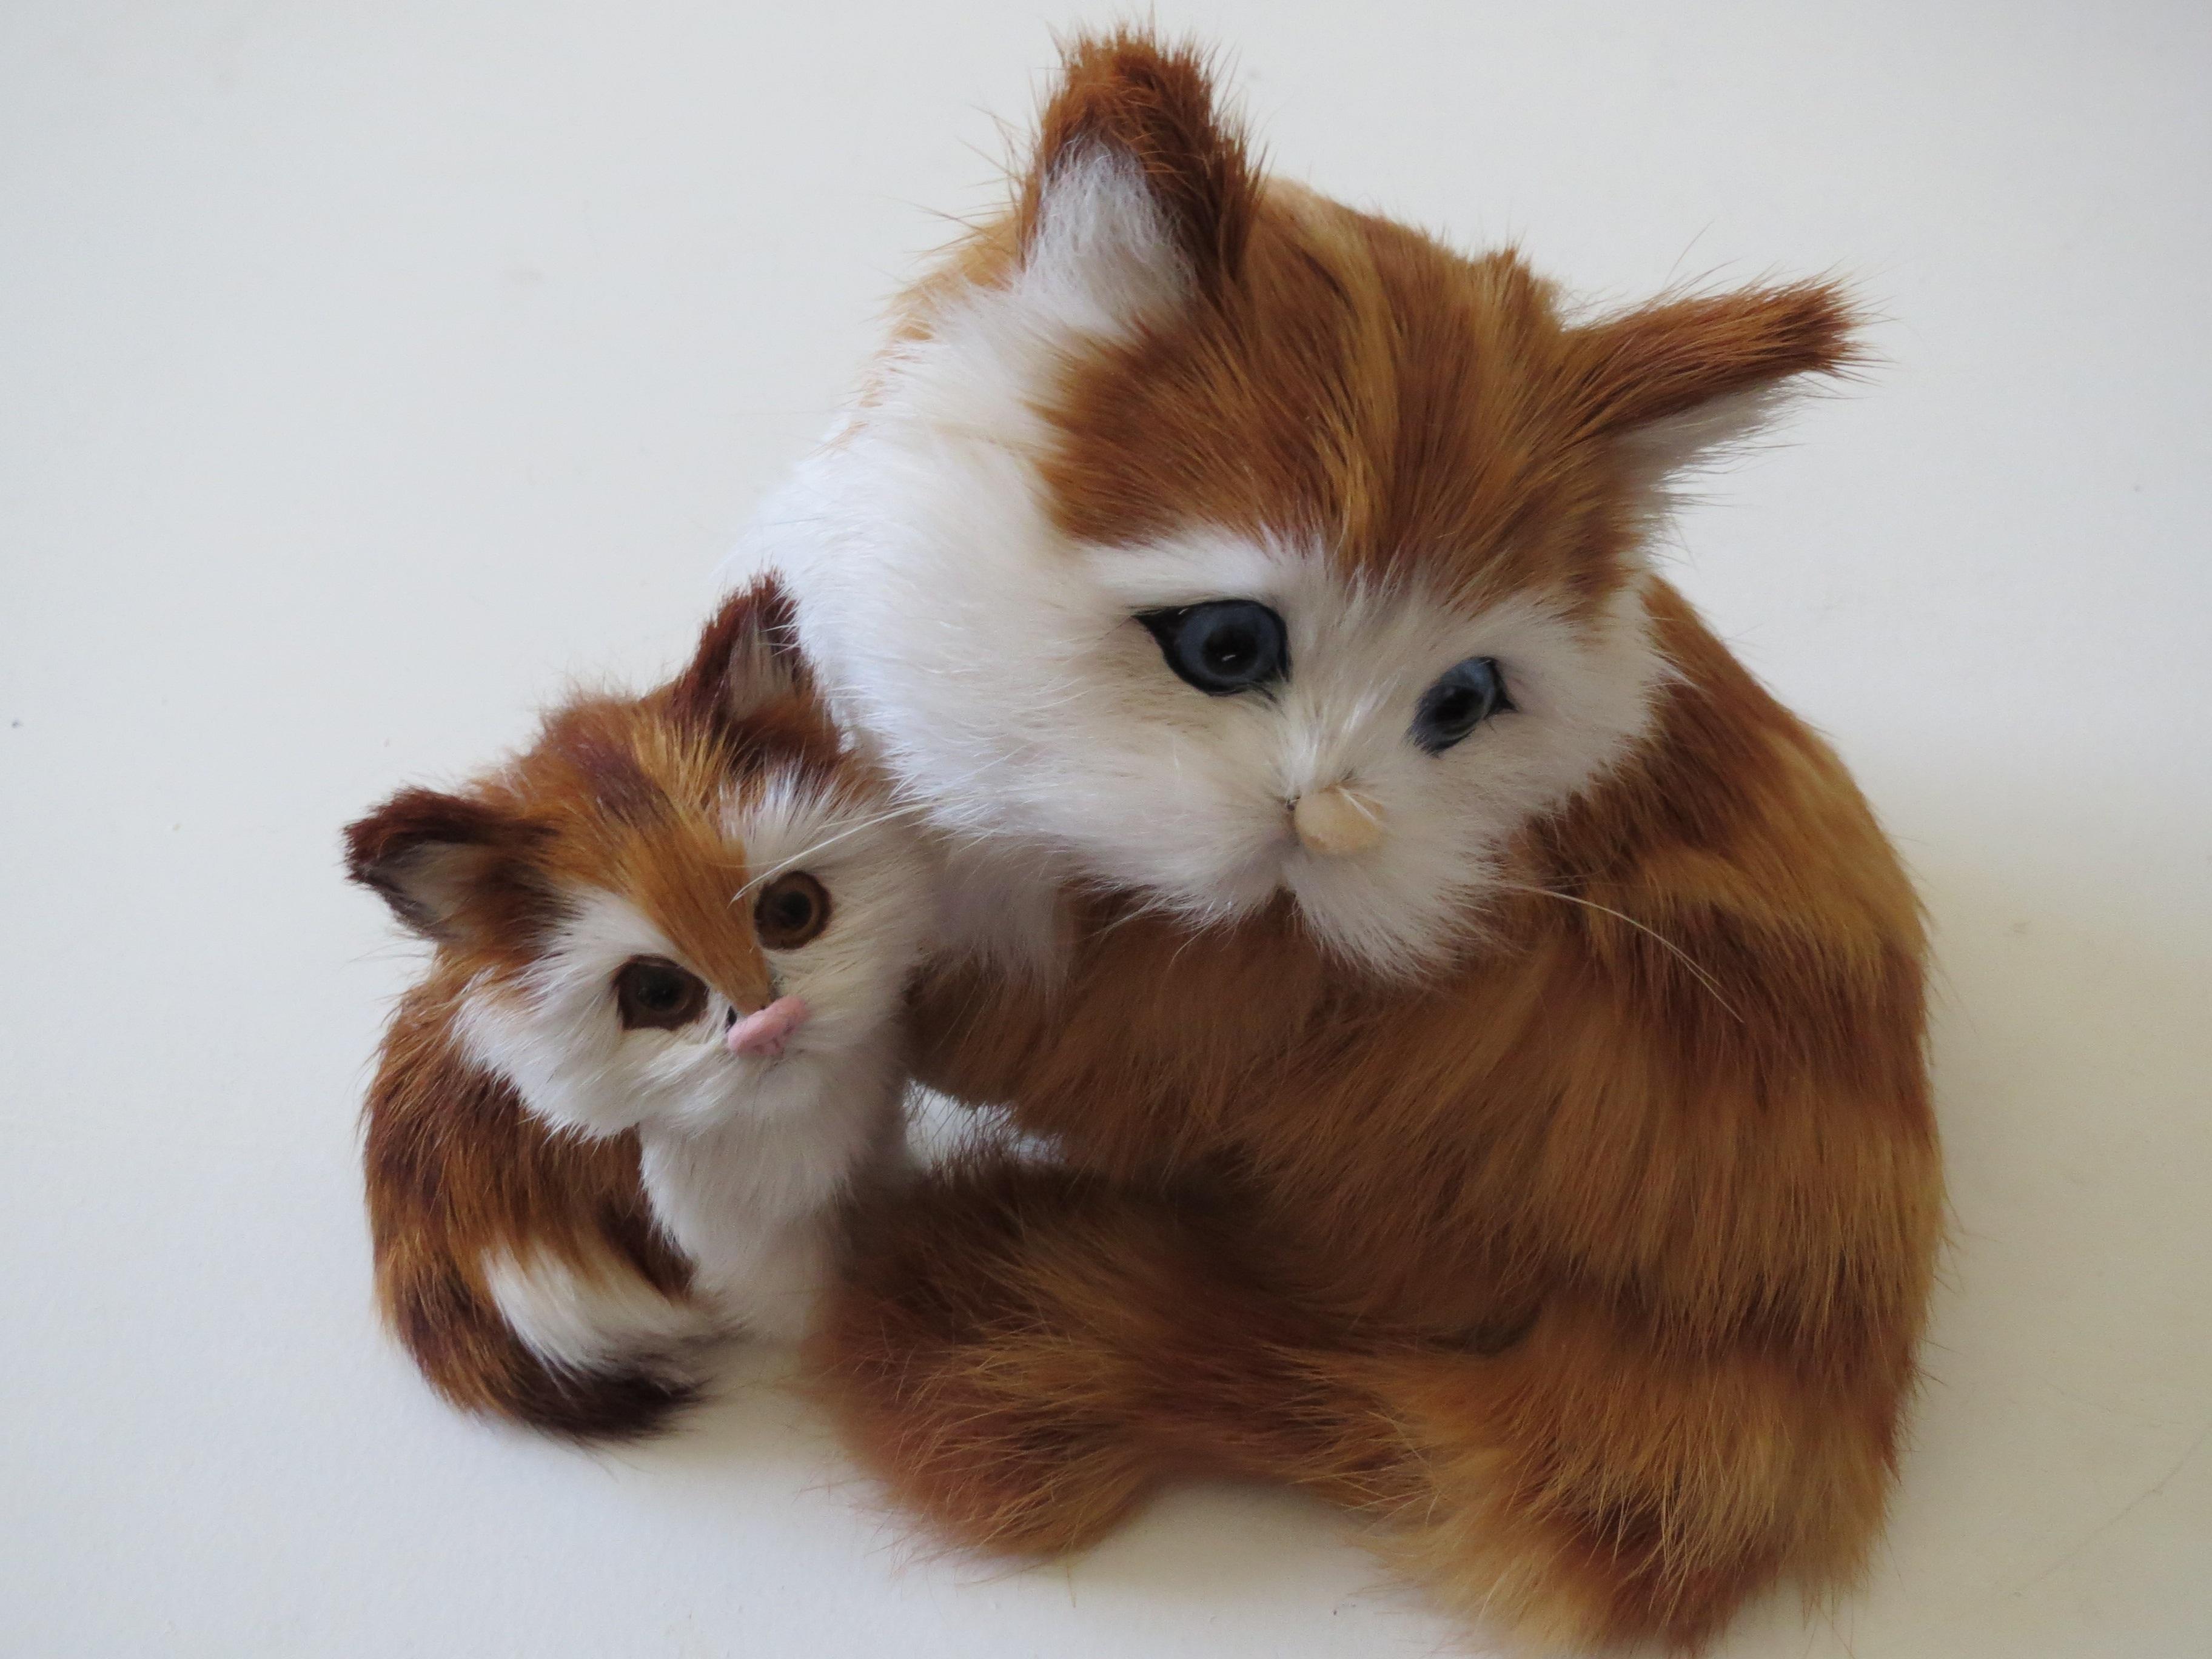 ocelot kittens for sale